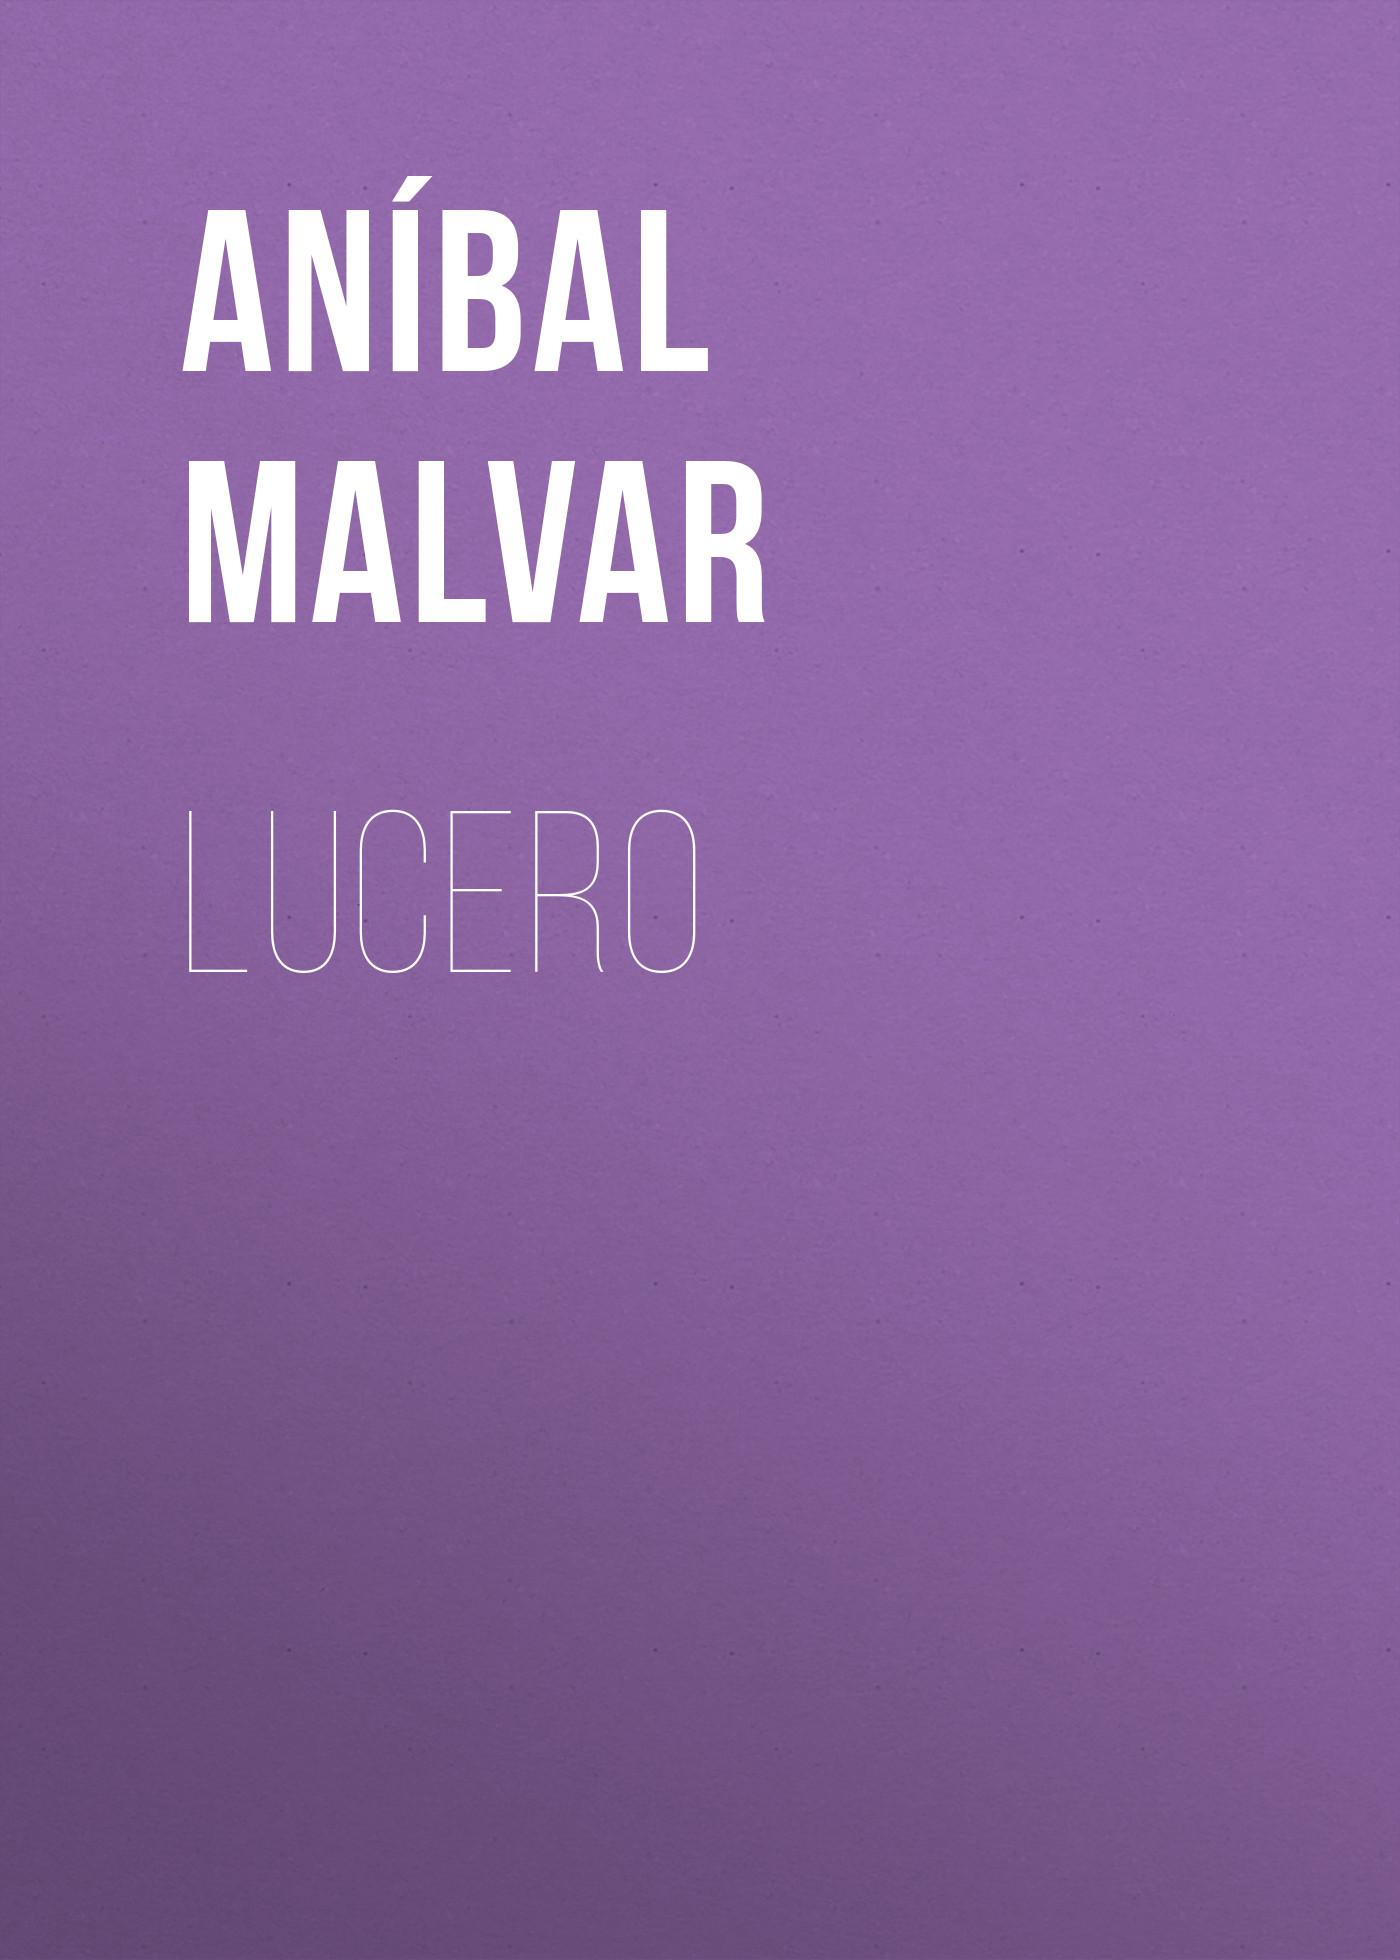 Aníbal Malvar Lucero ape ceramica capricho de los zares zar cobalto 20x20